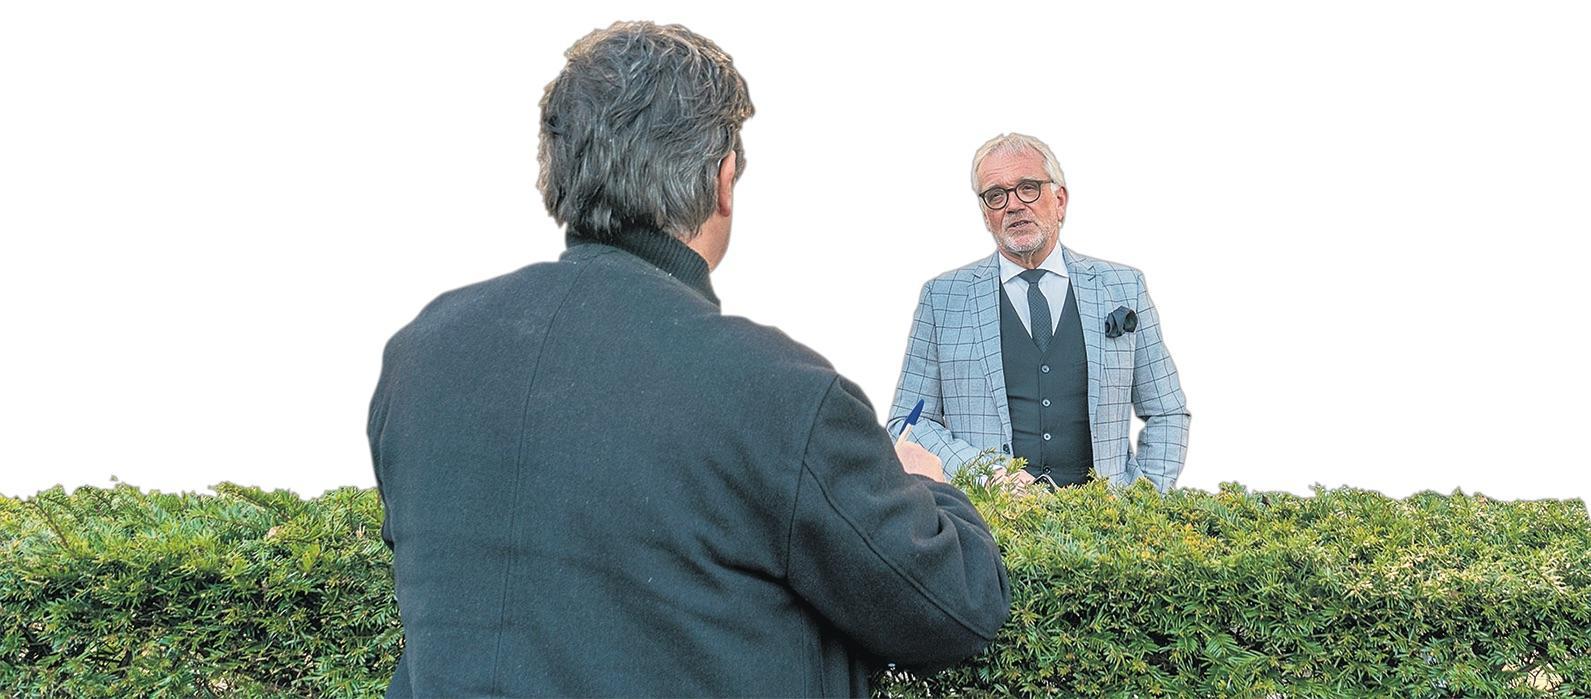 Alkmaars burgemeester Bruinooge noemt uitspelen van de voetbalcompetitie 'onlogisch', maar heeft nog niets besloten over het AZ-stadion